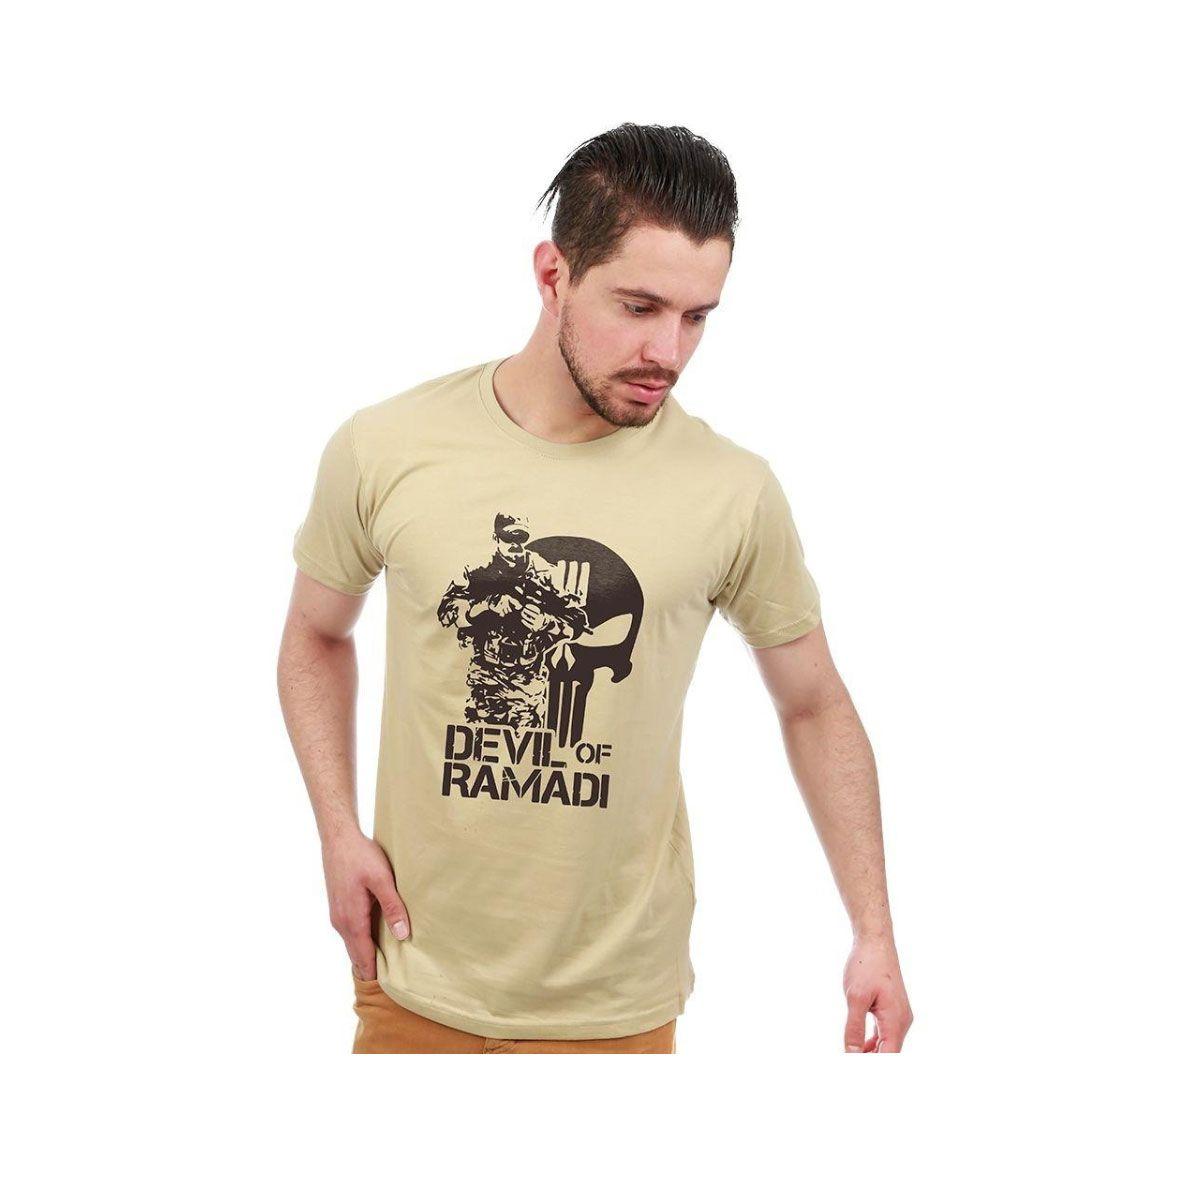 Camiseta Team Six Devil Of Ramadi Zombie